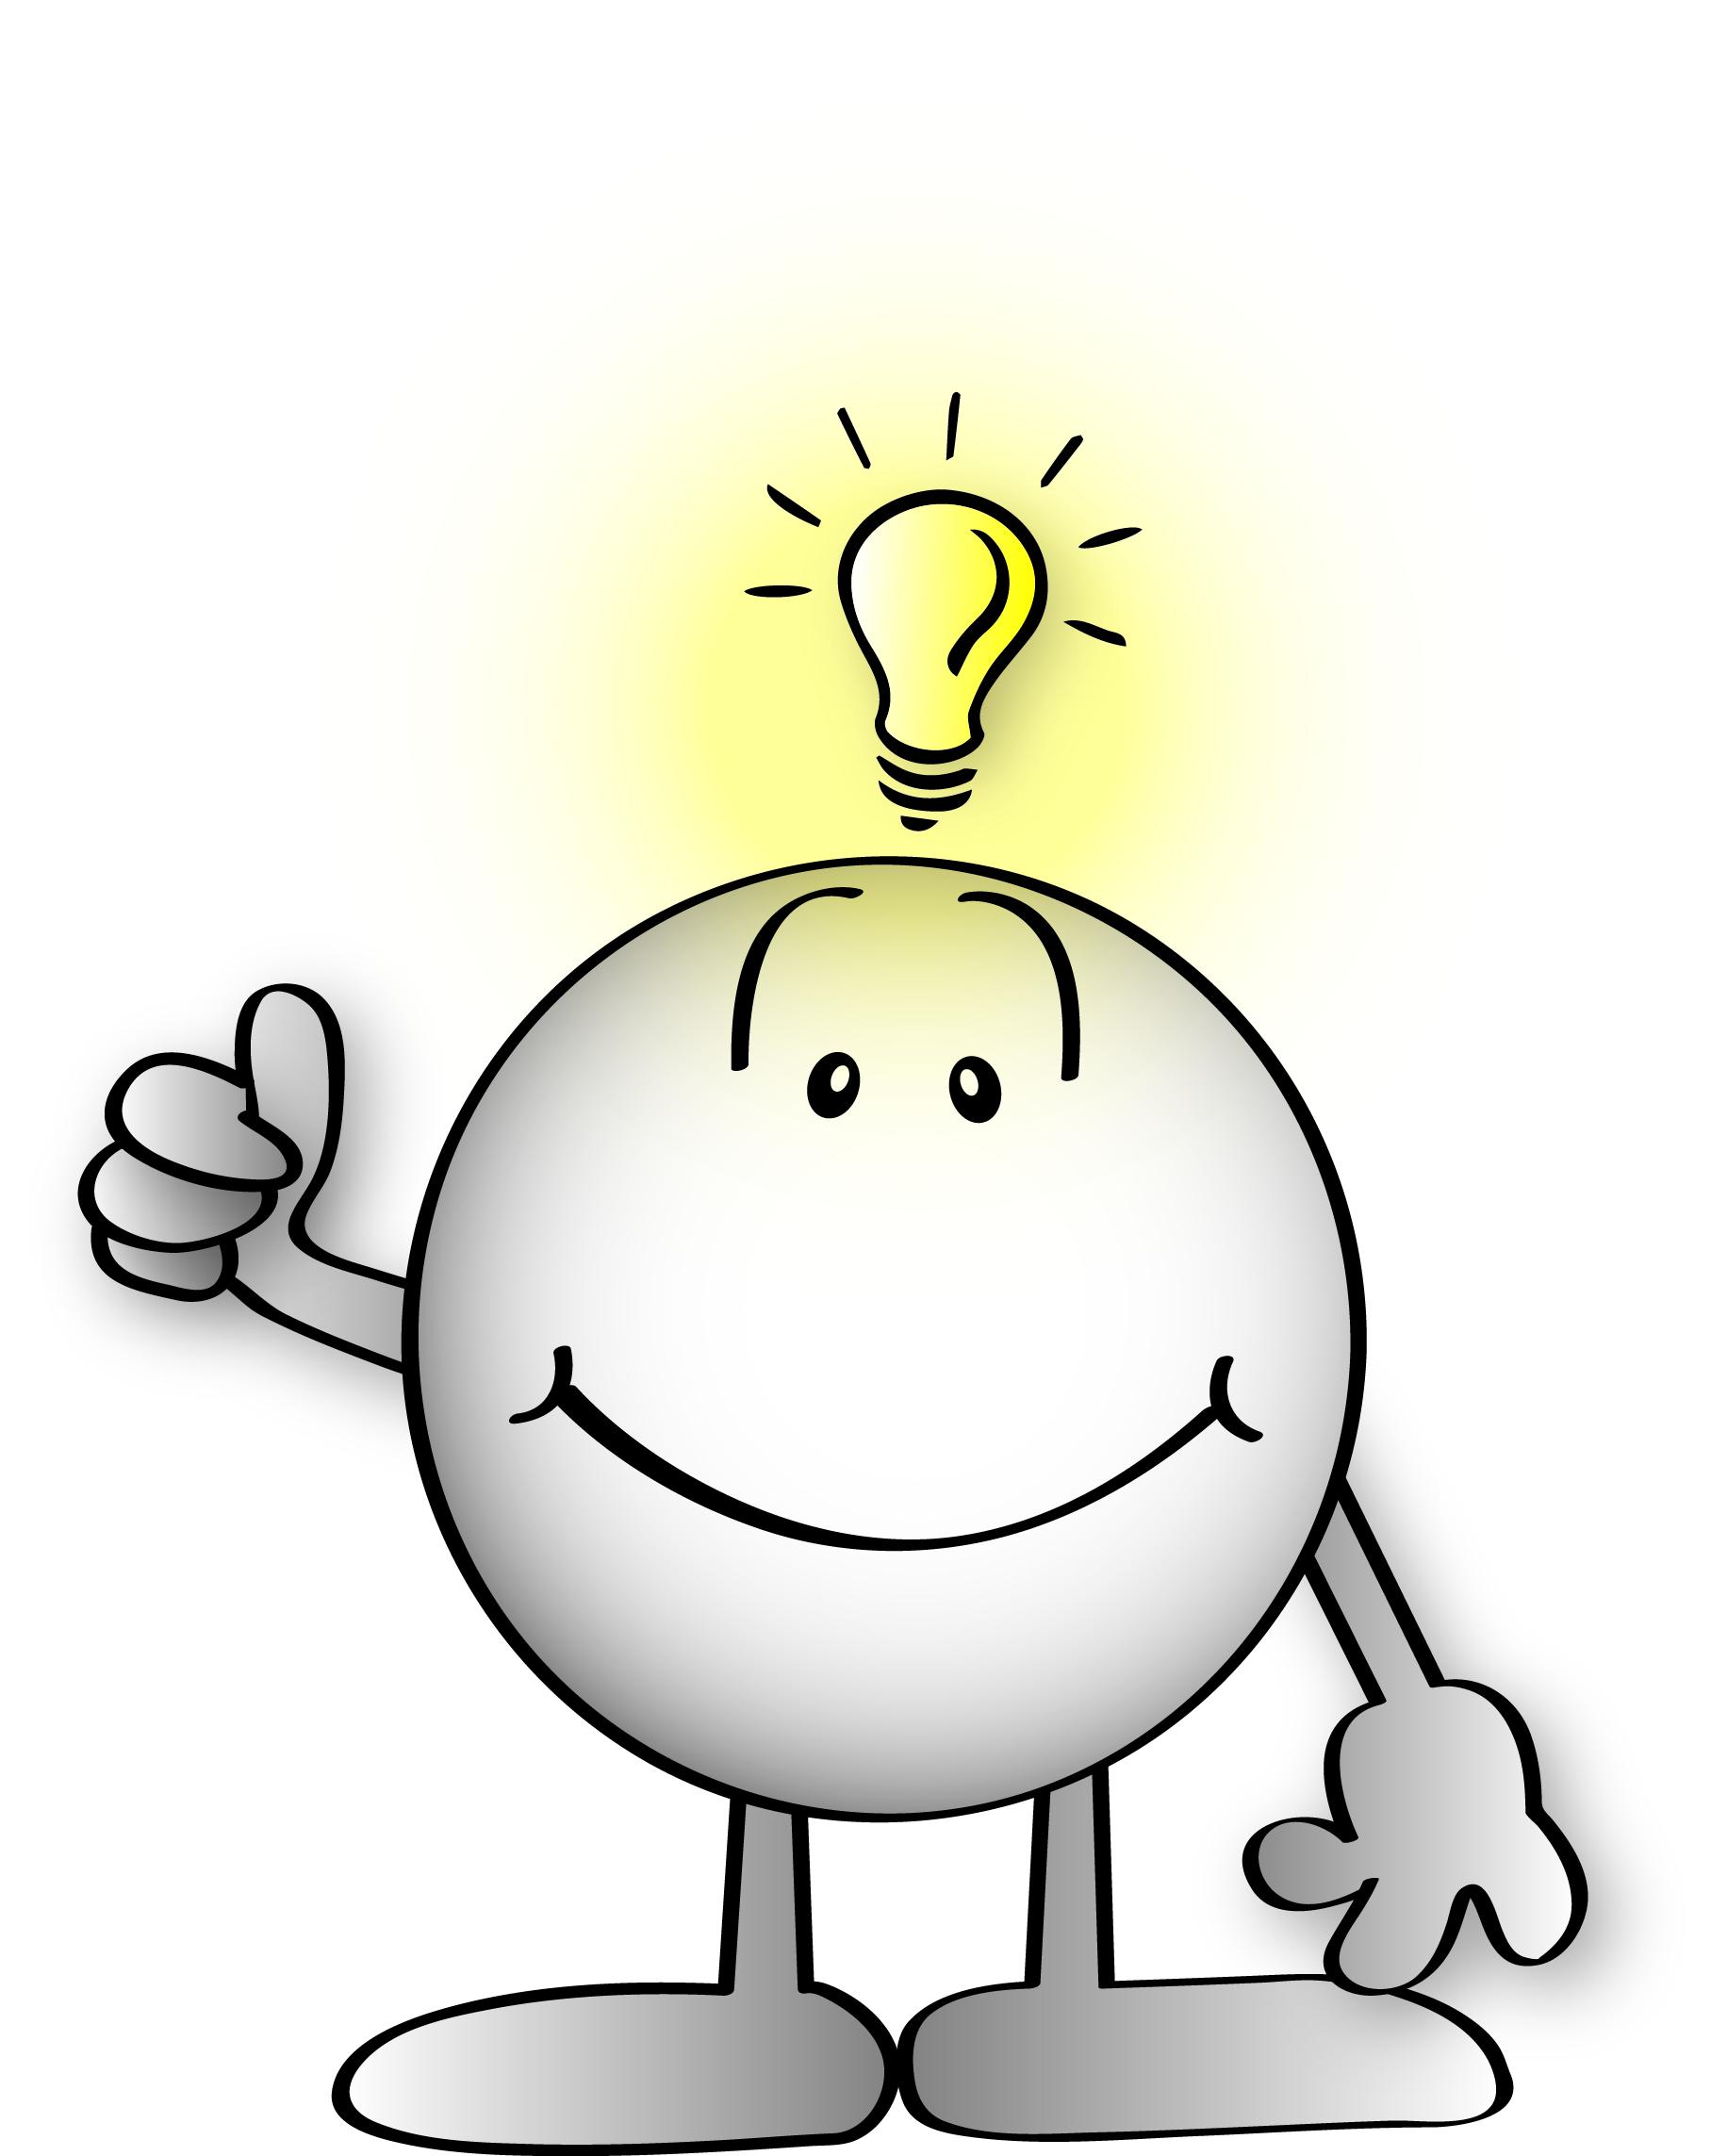 Bright Idea Clipart - Clipart Suggest